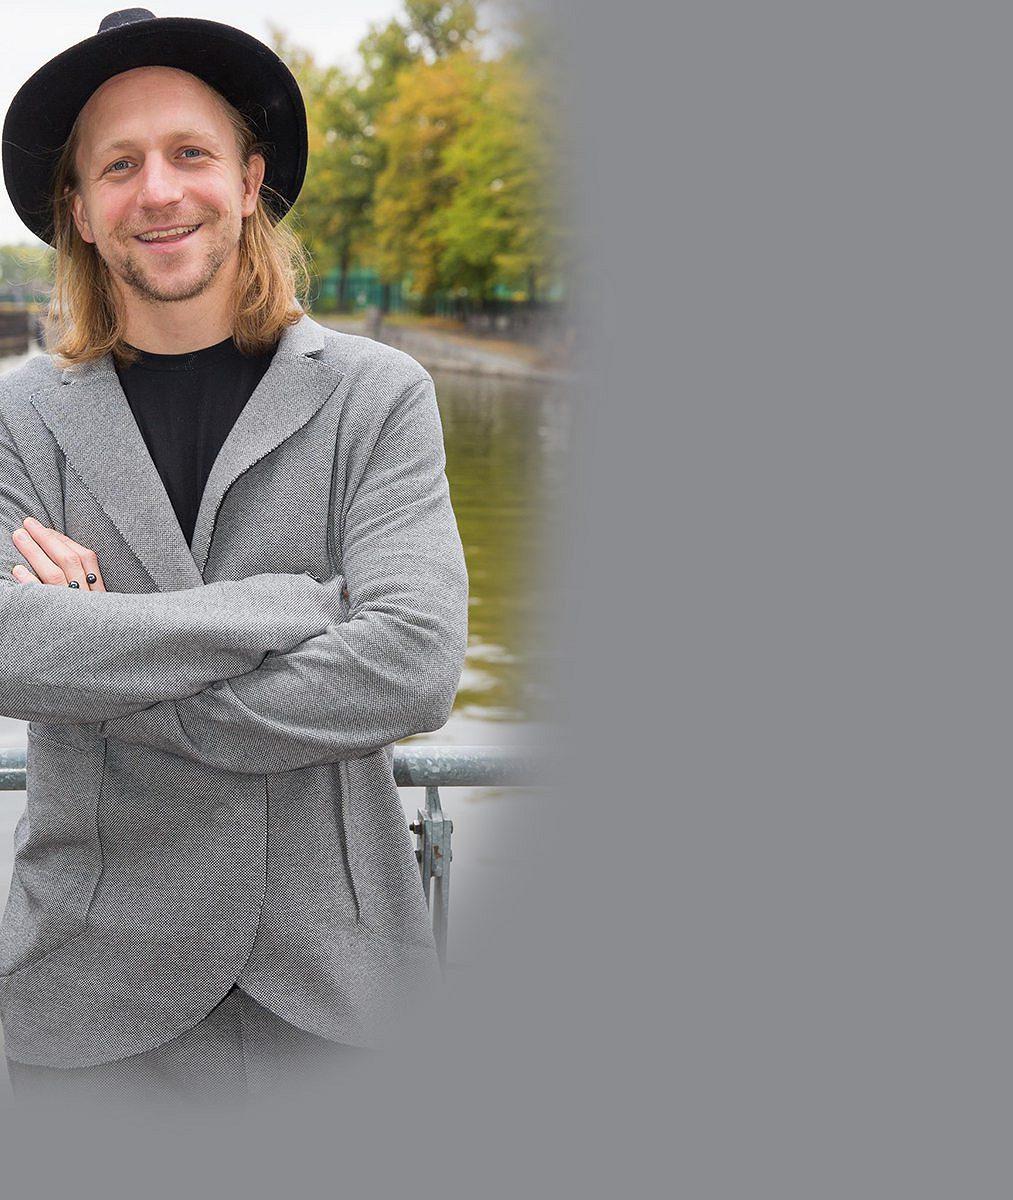 Tomáš Klus vyrazil na akci s celou rodinkou: Podívejte se, jak vyrostly muzikantovy nejstarší ratolesti